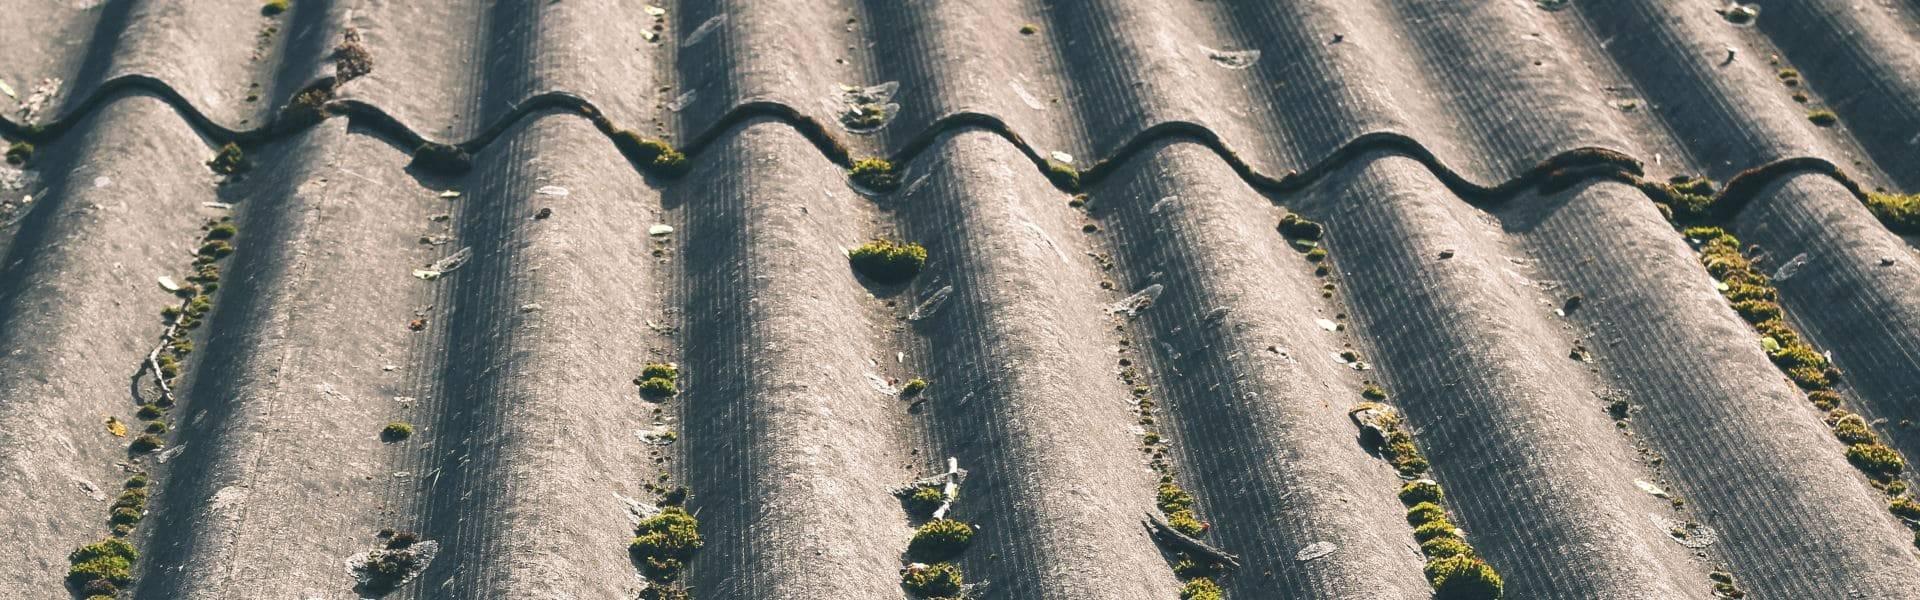 Протечка крыши: куда написать жалобу, образец заявления о протечке и возмещения ущерба.